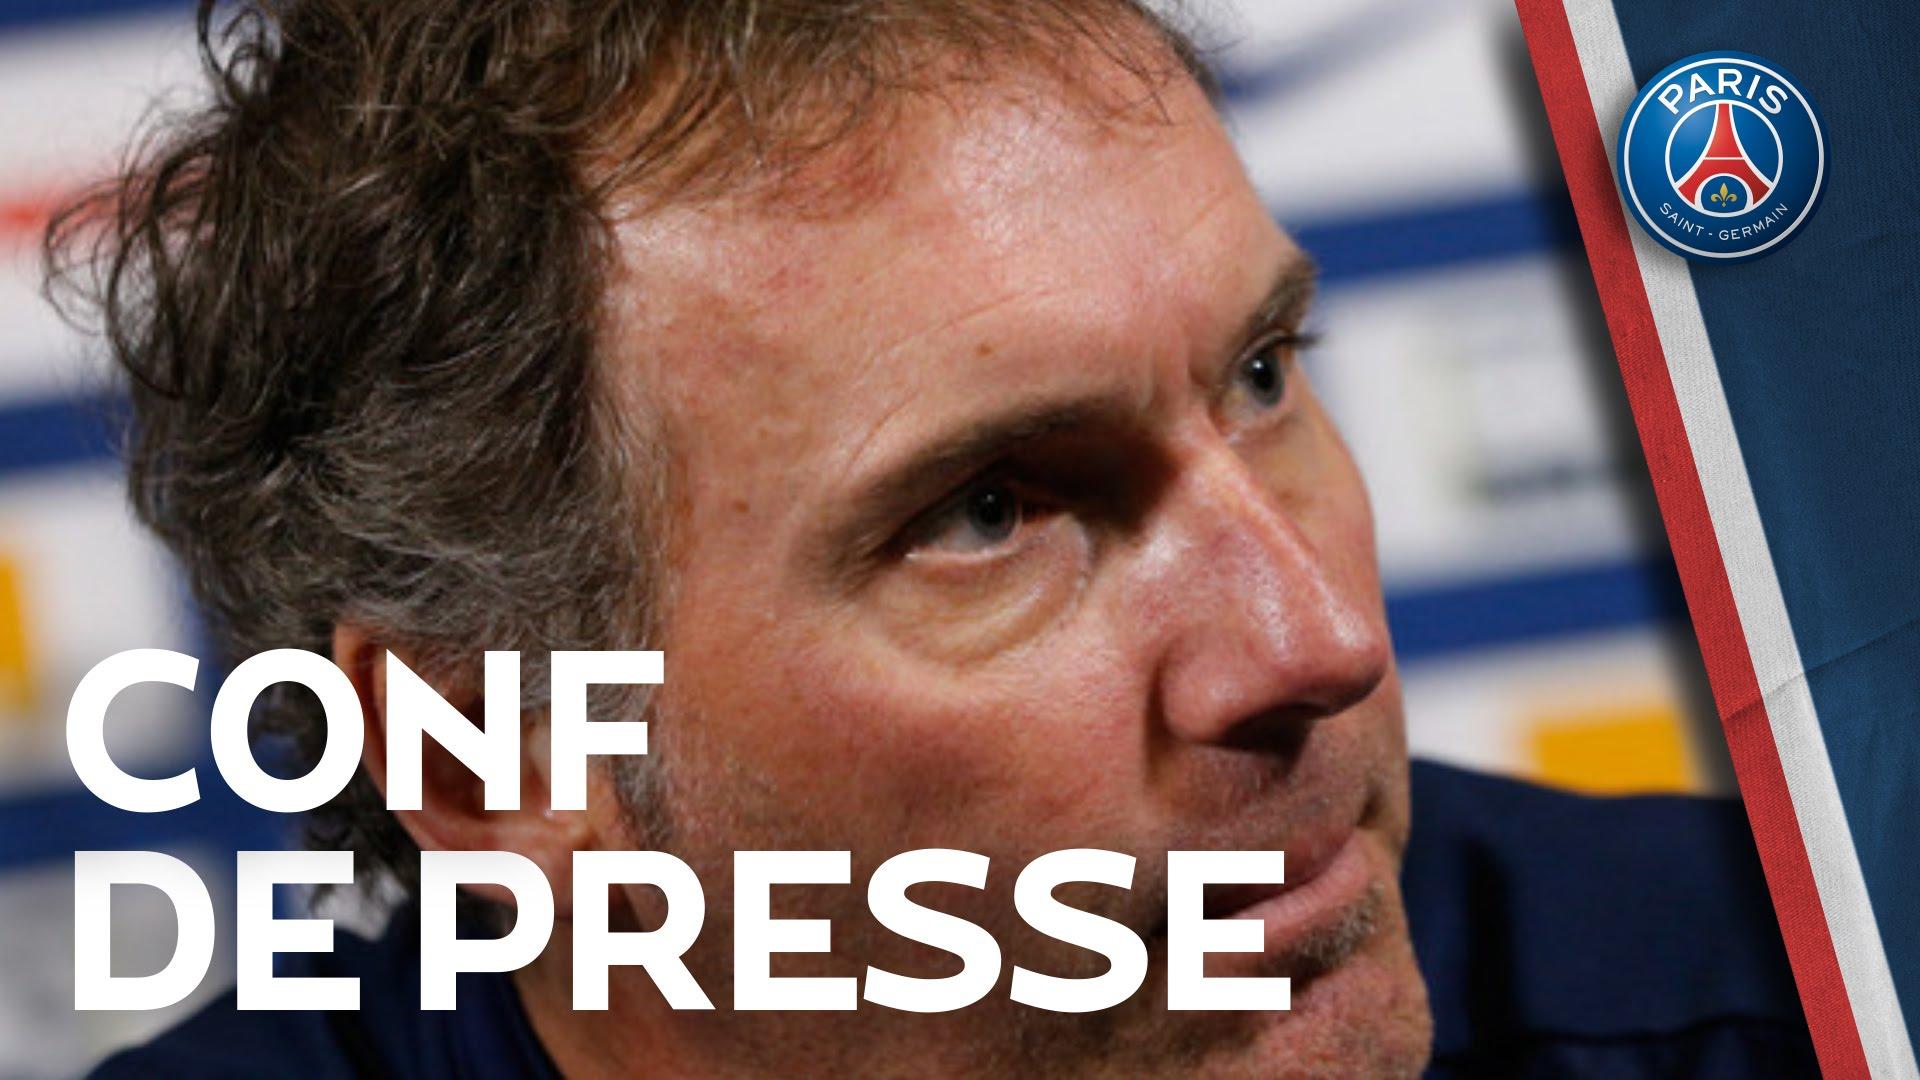 Conférence de Presse Laurent Blanc et Maxwell